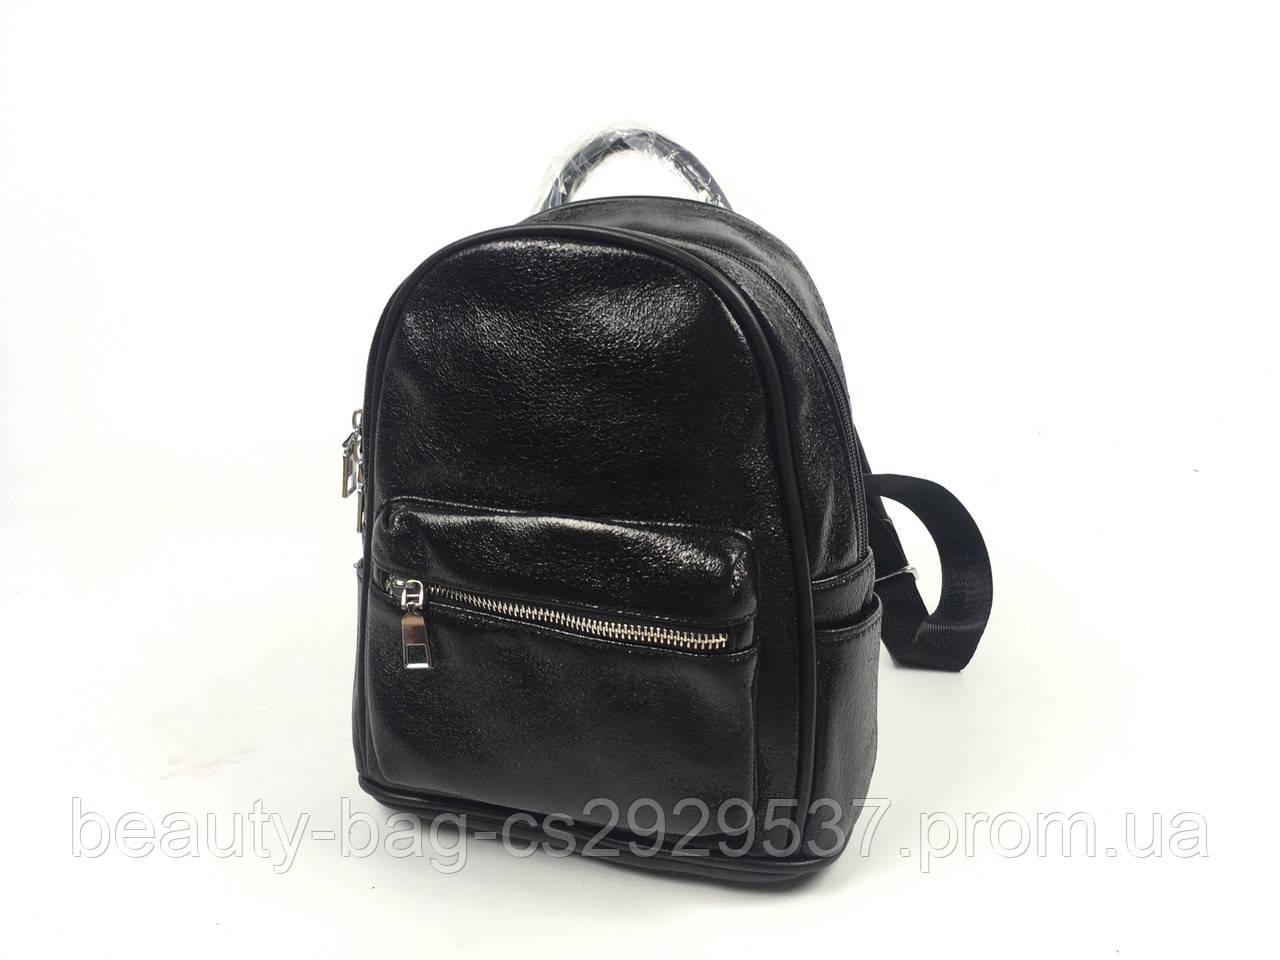 Рюкзак молодежный 6905 черный black